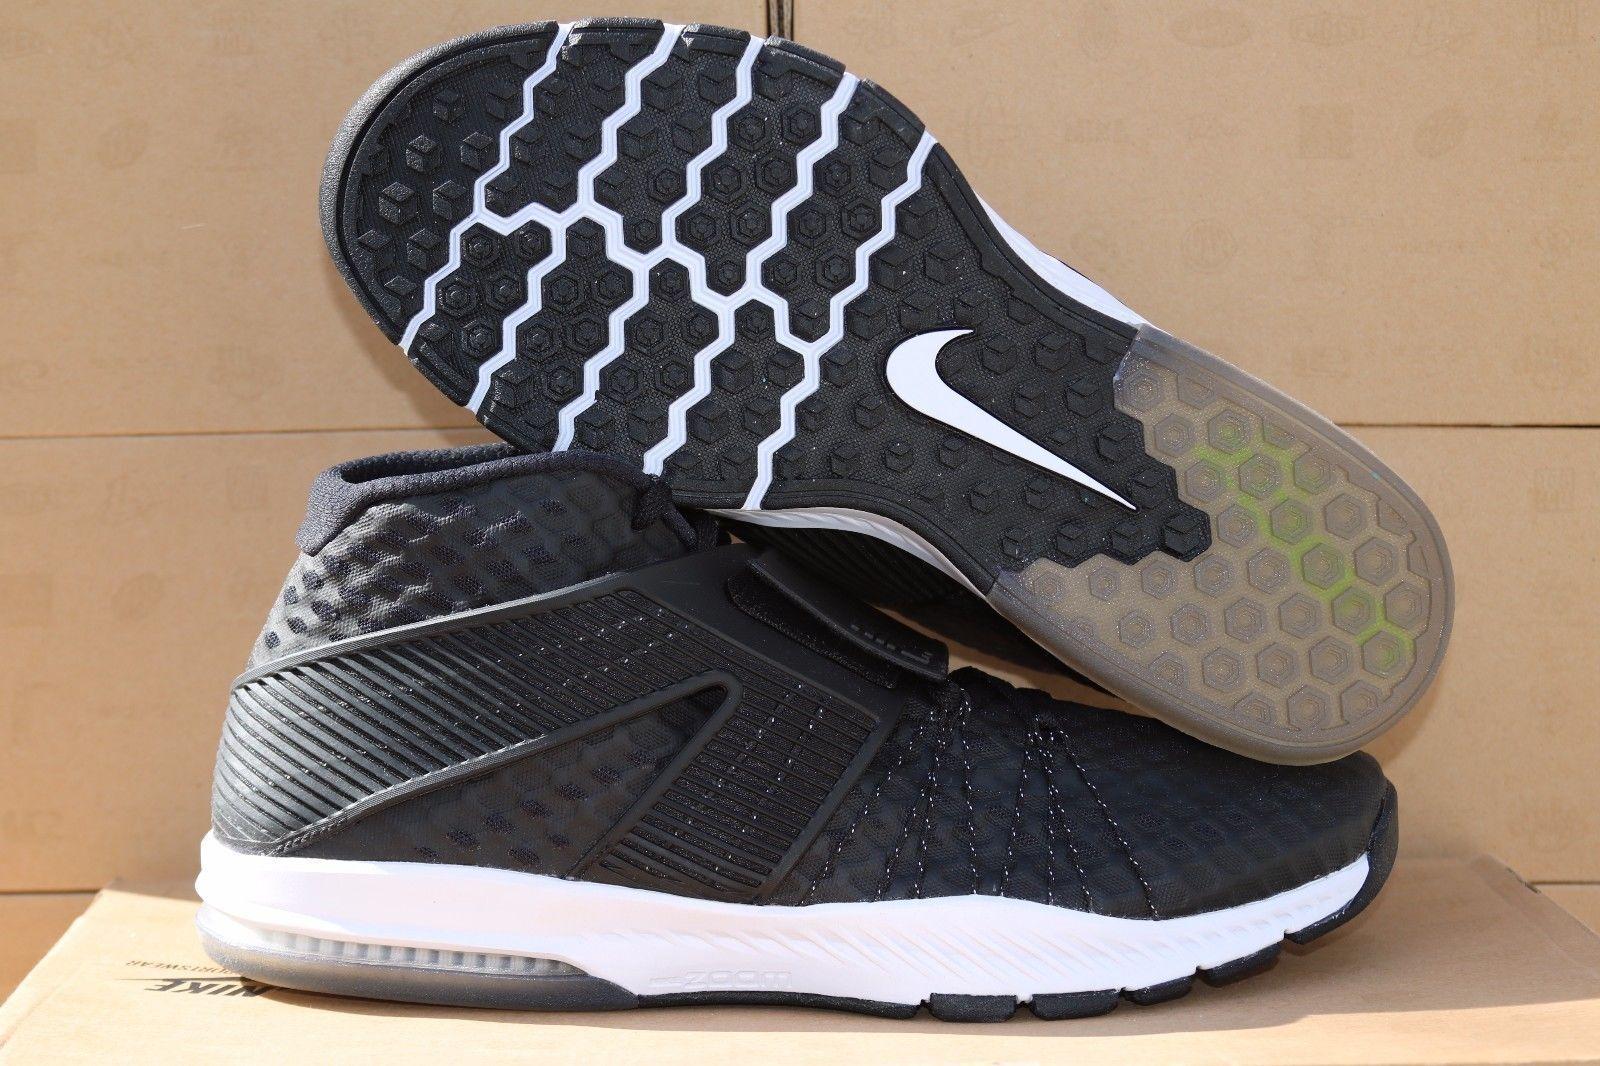 Nuevo En Caja  2018 Nike Zoom tren toranada Para Entrenamiento Hombres Zapatos  De Entrenamiento Para Negro/Blanco cb49af